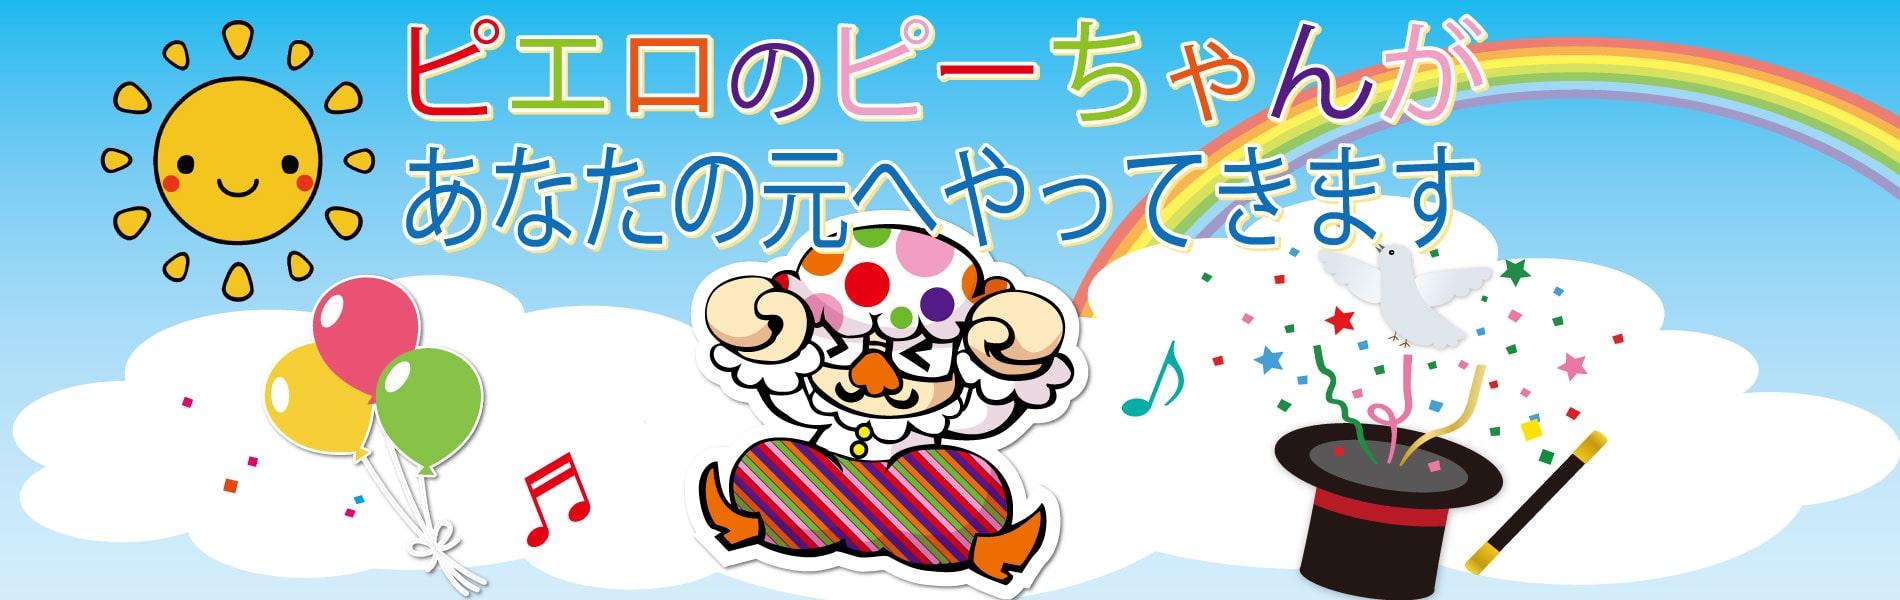 福岡のマジックバルーンアートのトップ画像